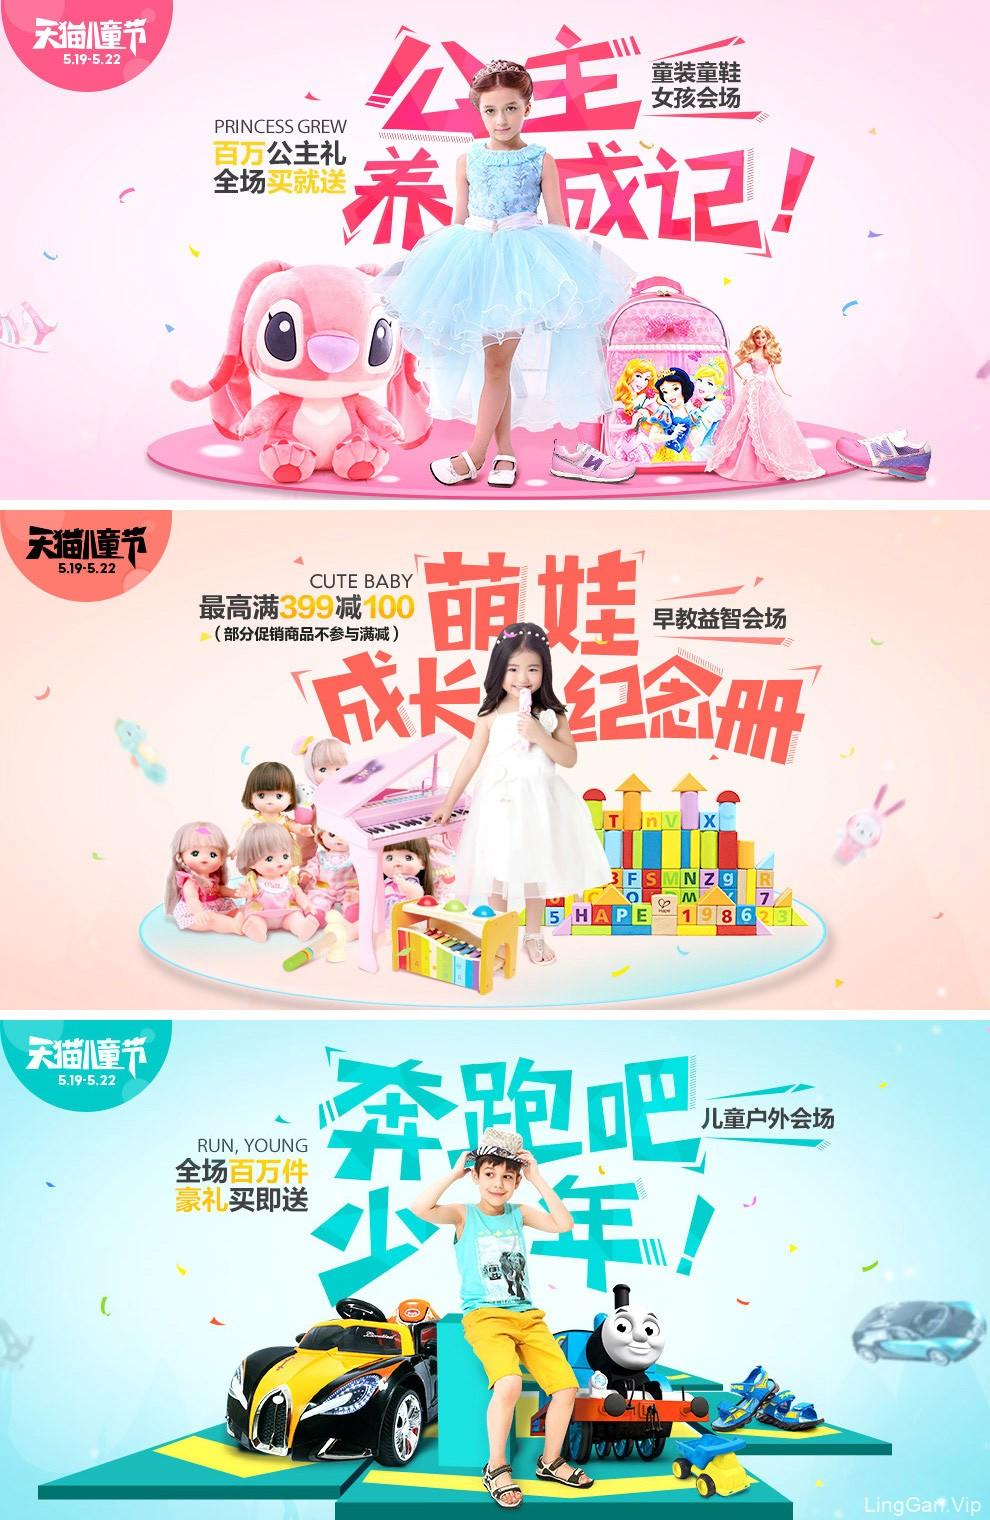 天猫61儿童节分会场banner海报设计